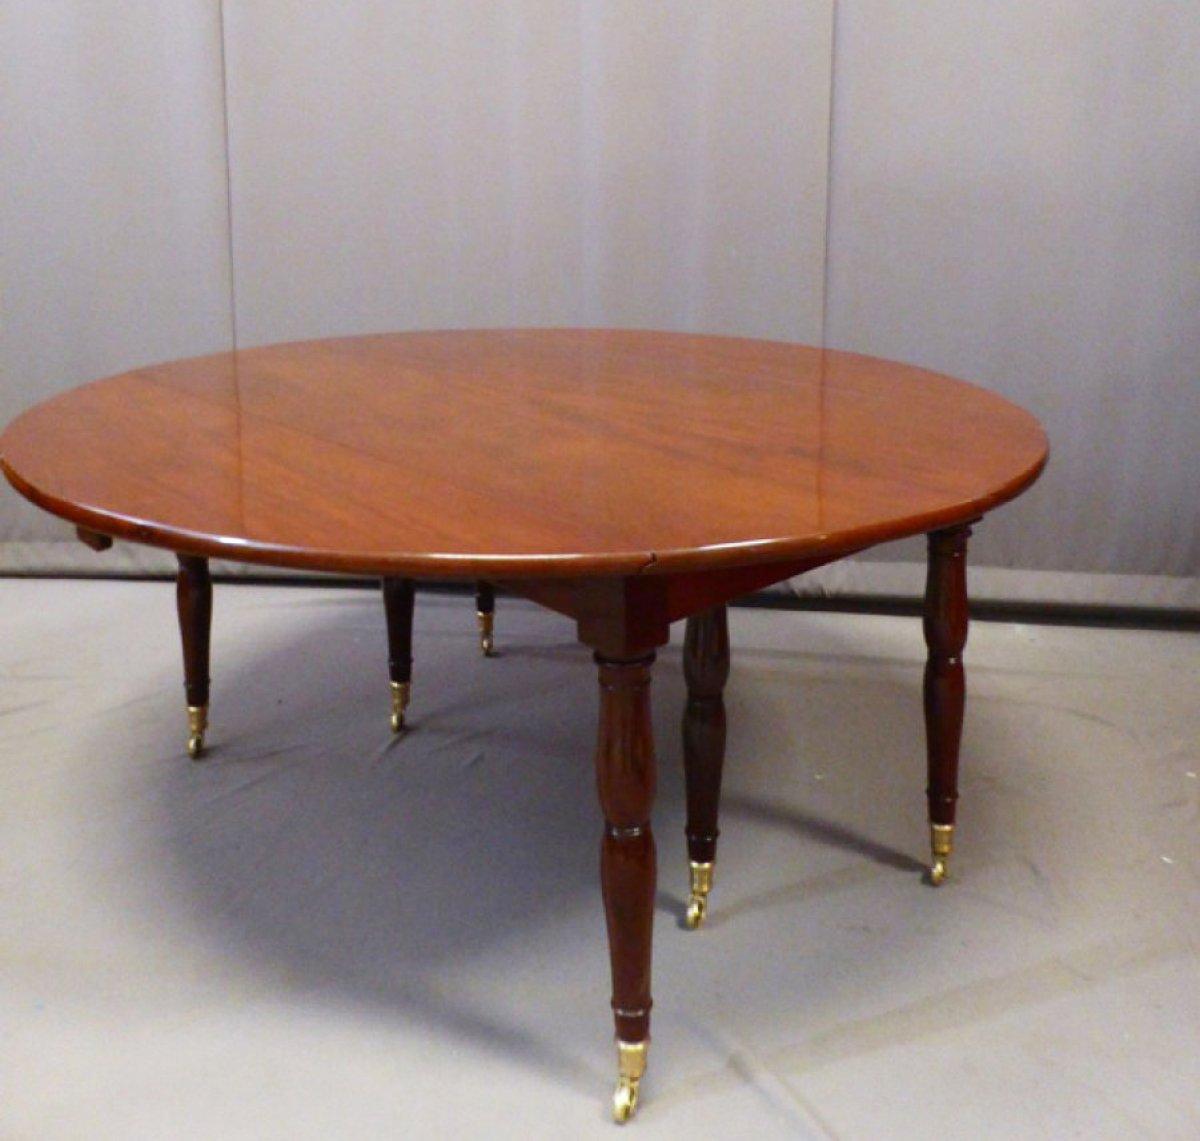 Table de salle manger avec allonges poque 1820 xixe for Salle a manger jacob